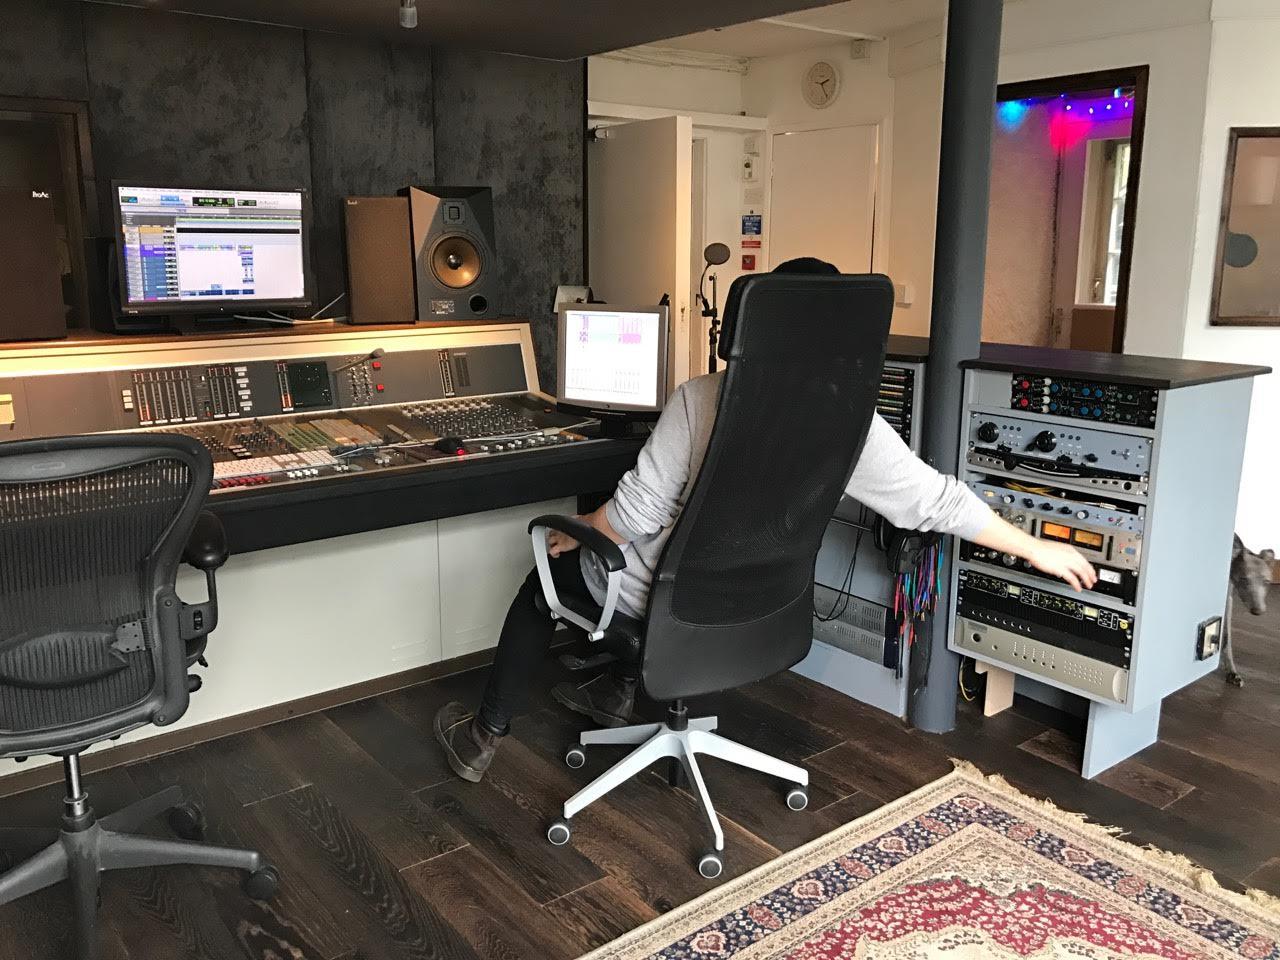 ST2 desk